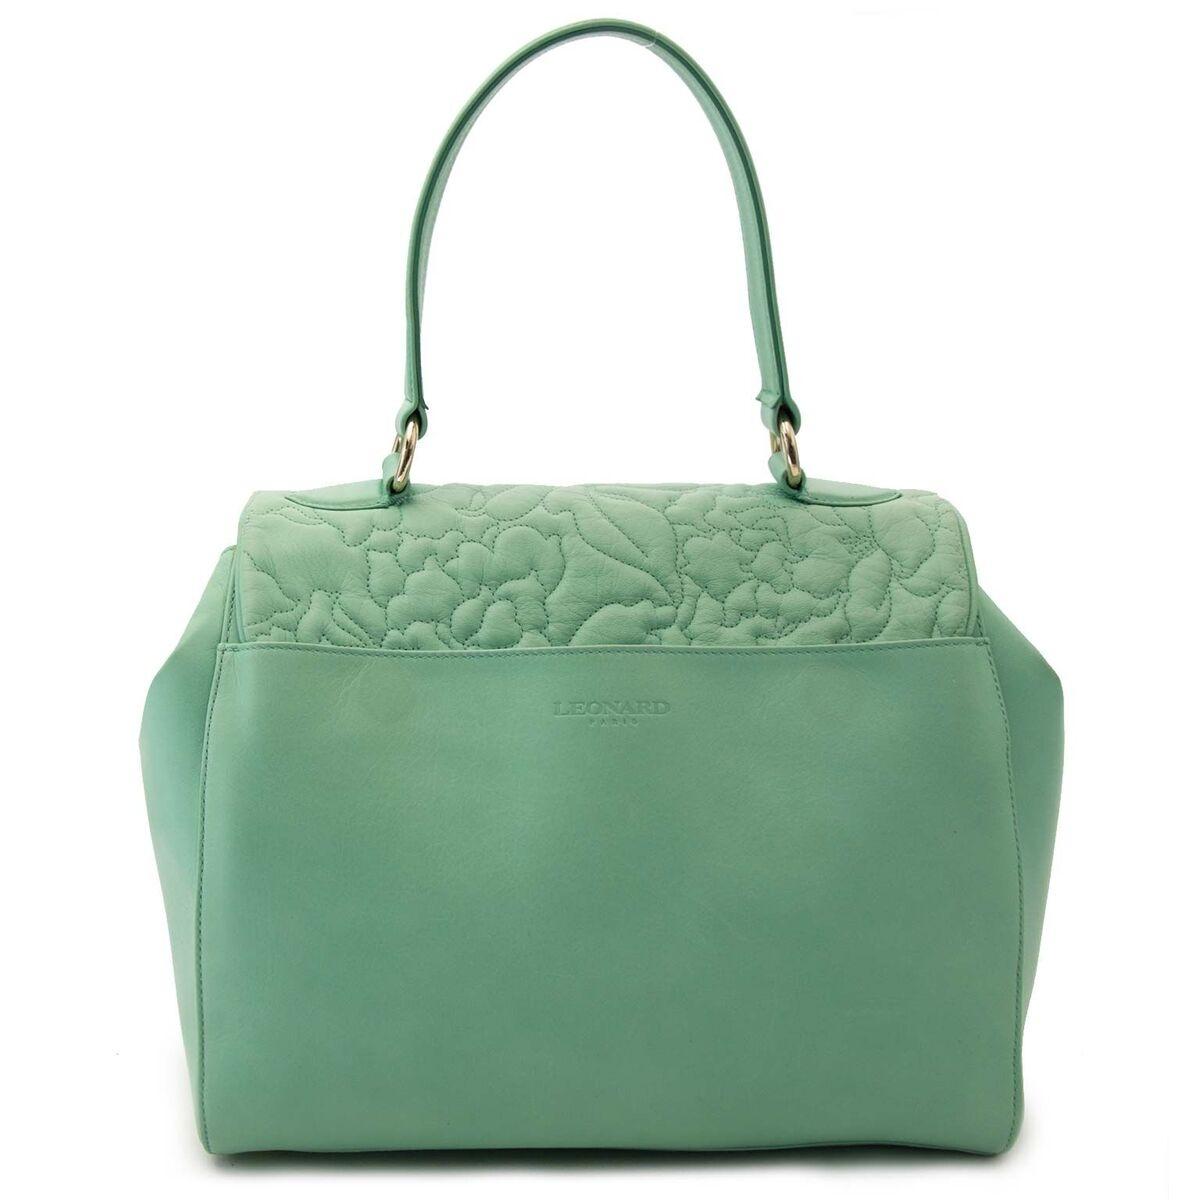 Koop authentieke tweedehands Leonard tassen aan een eerlijke prijs bij LabelLOV. Veilig online shoppen.